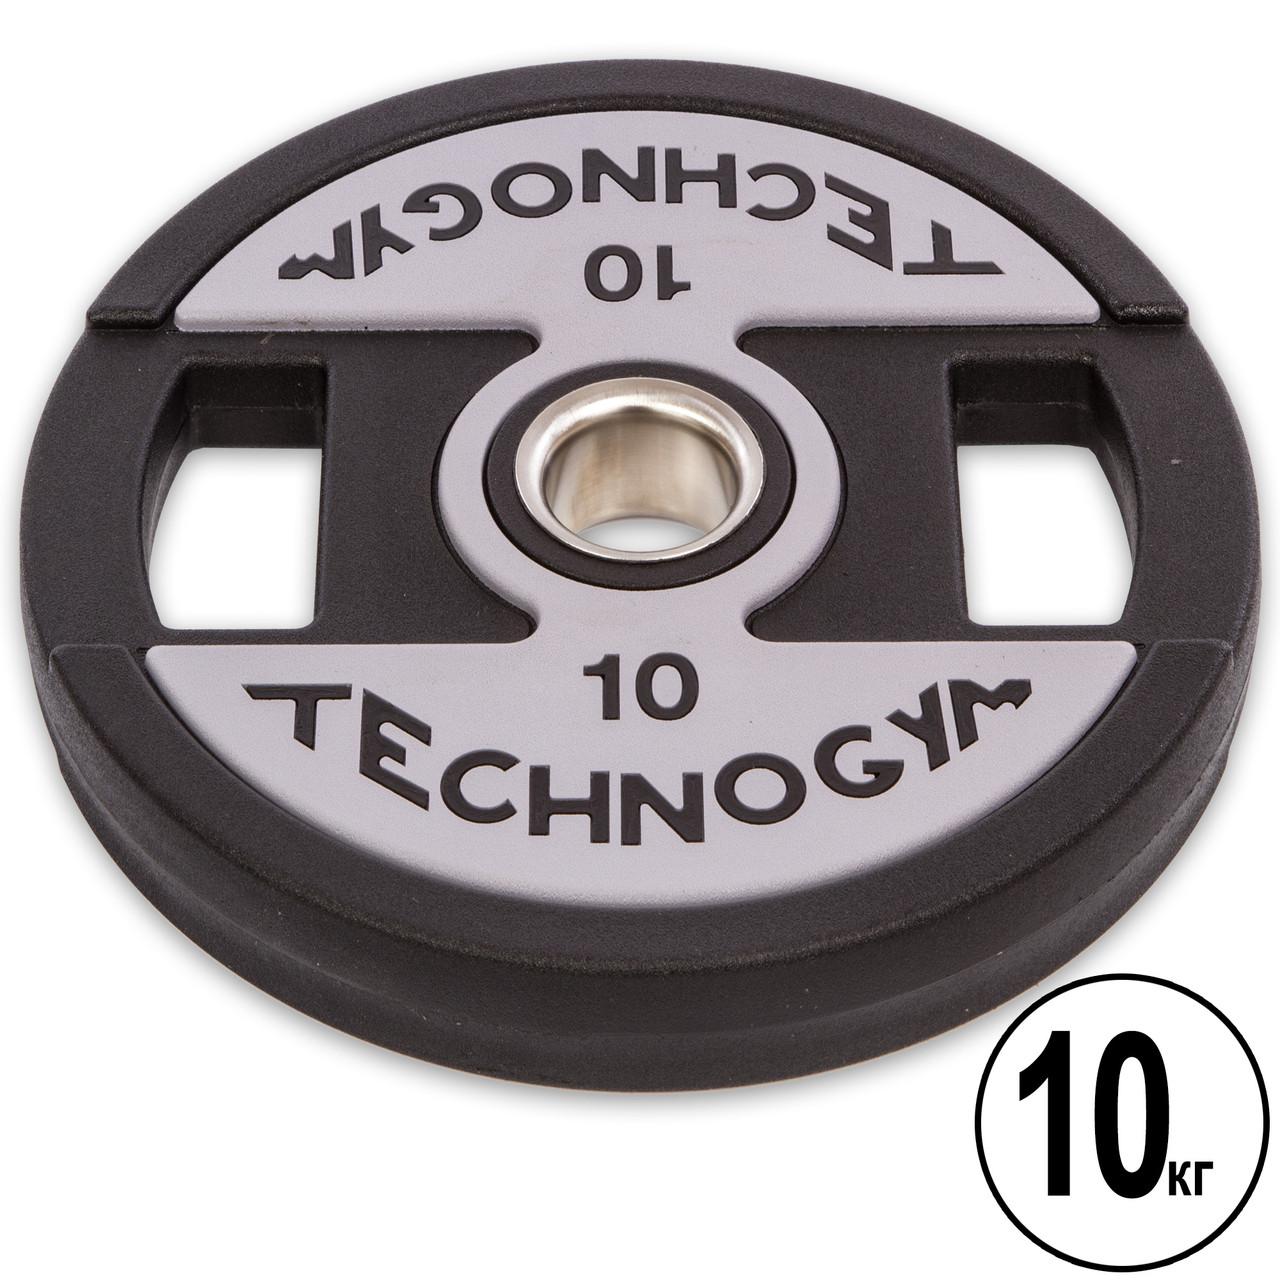 Млинці (диски) поліуретанові з хватом і металевою втулкою d-51мм TECHNOGYM 10кг